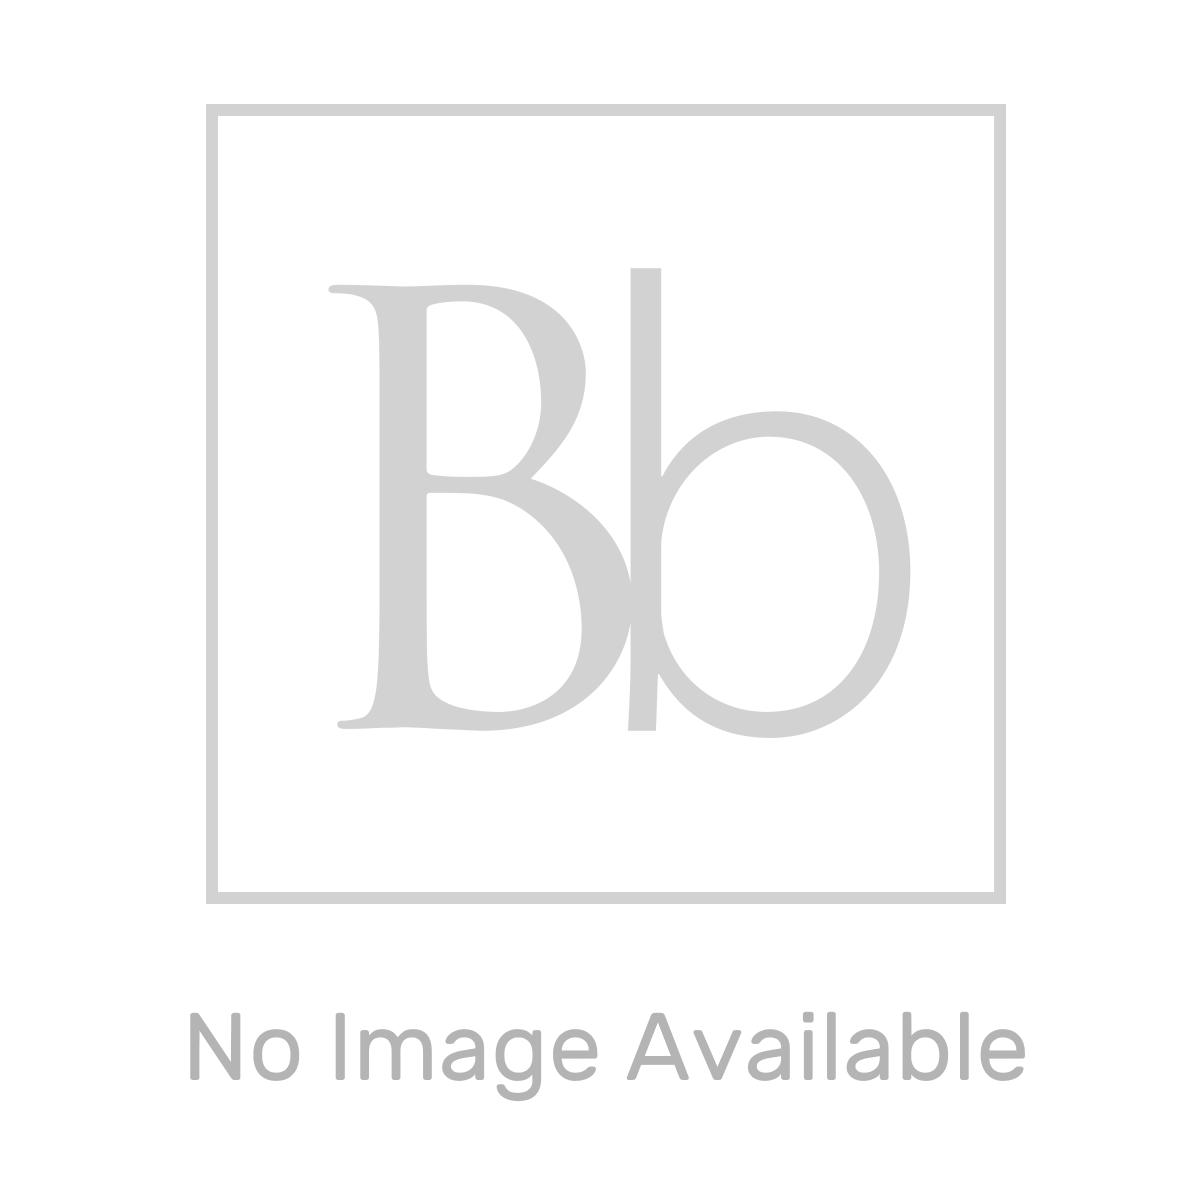 Aquadart Aqualavo Black Slate Shower Tray 1500 x 760